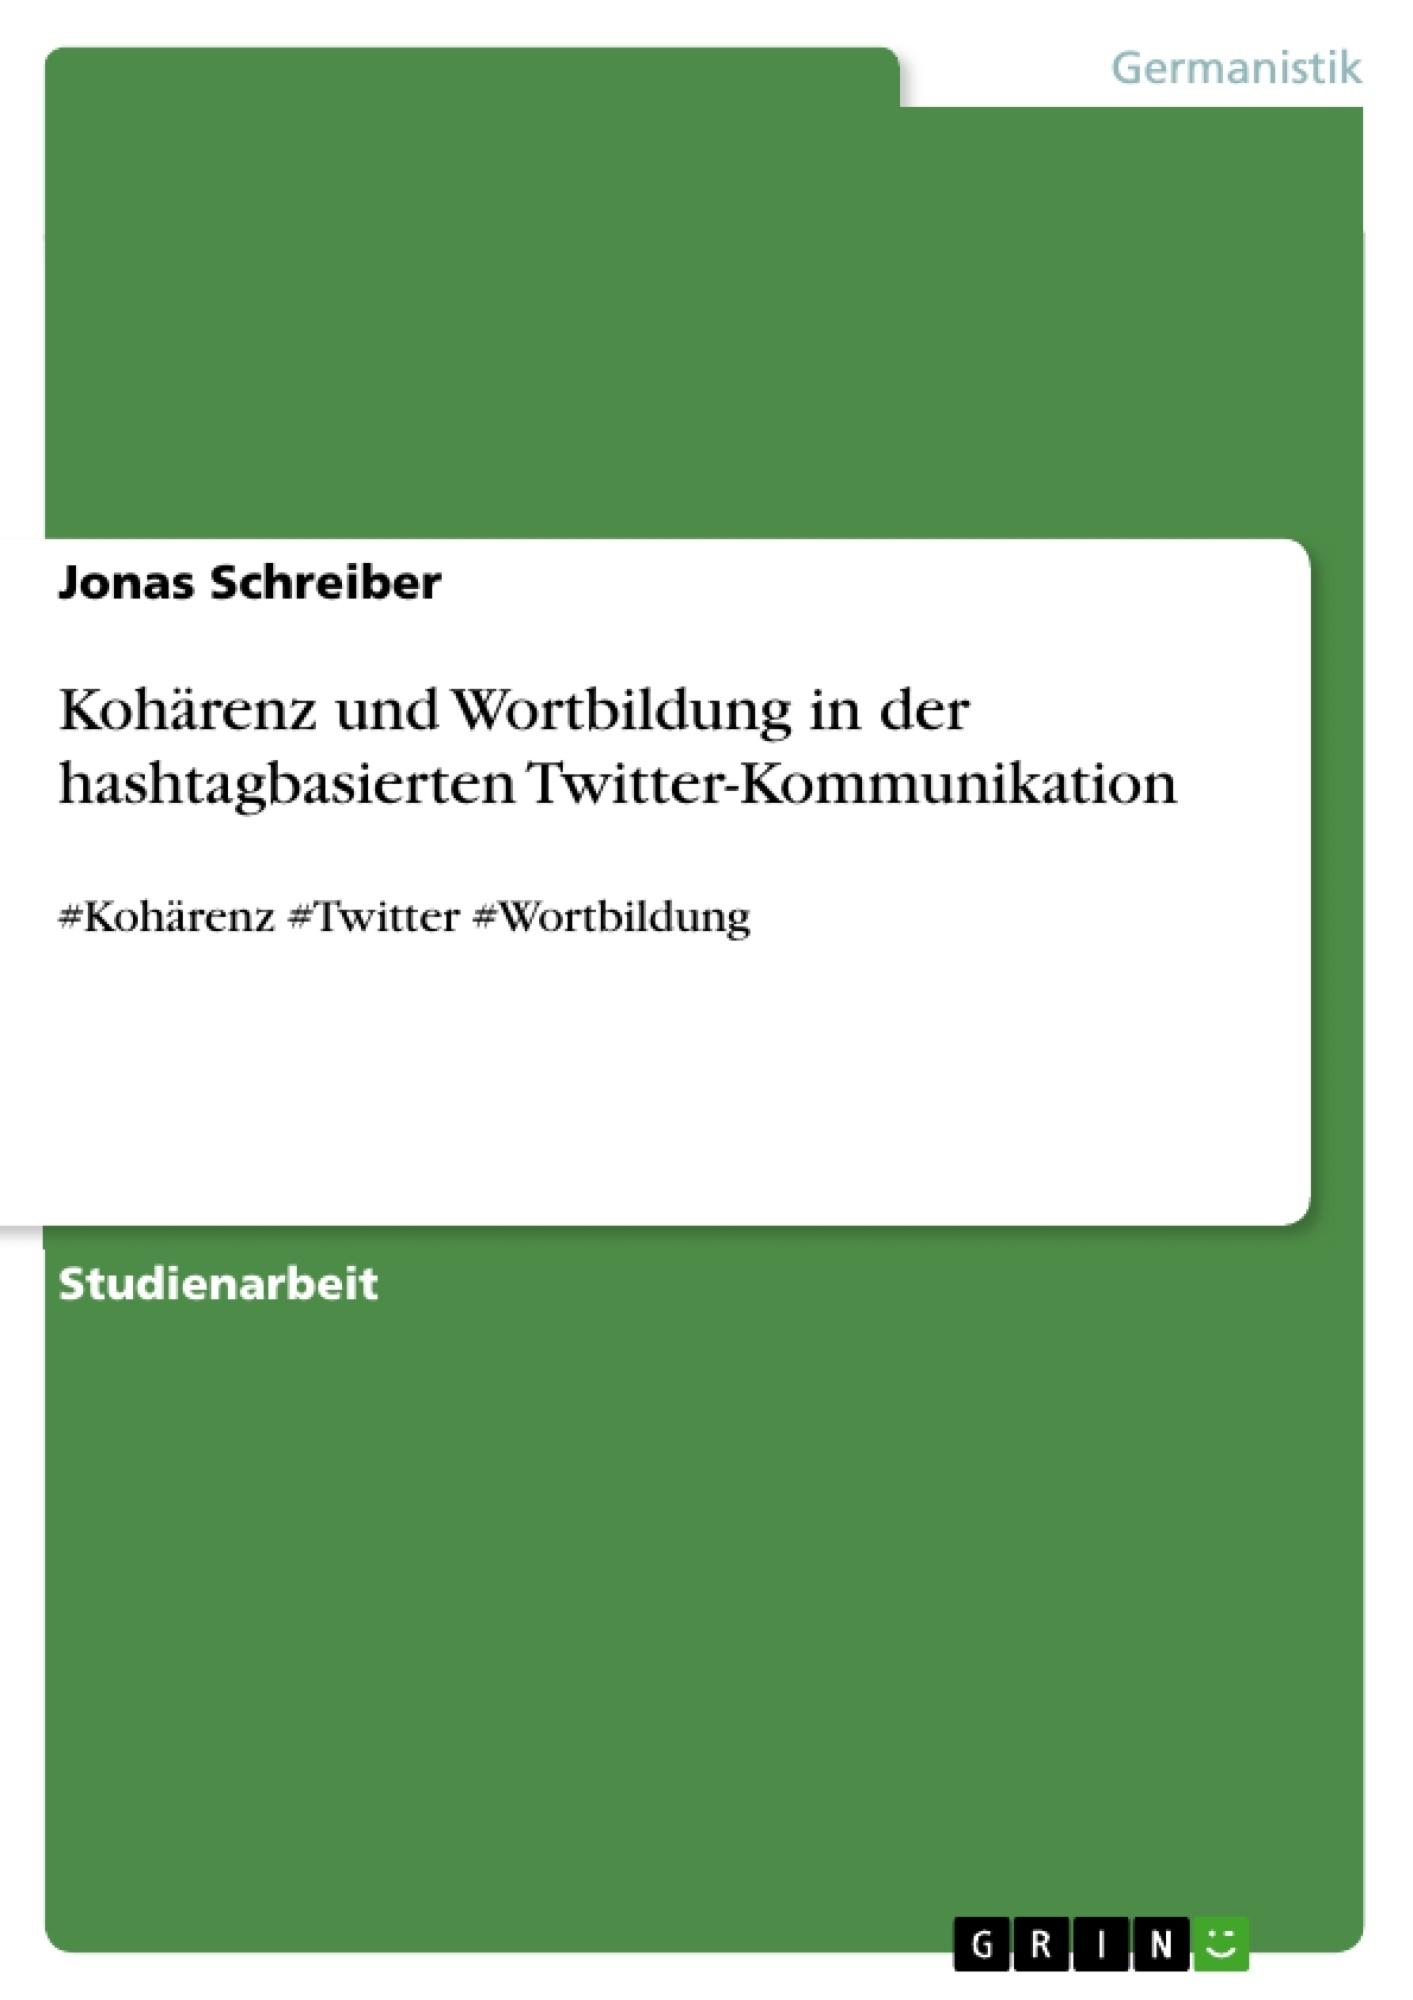 Titel: Kohärenz und Wortbildung in der hashtagbasierten Twitter-Kommunikation